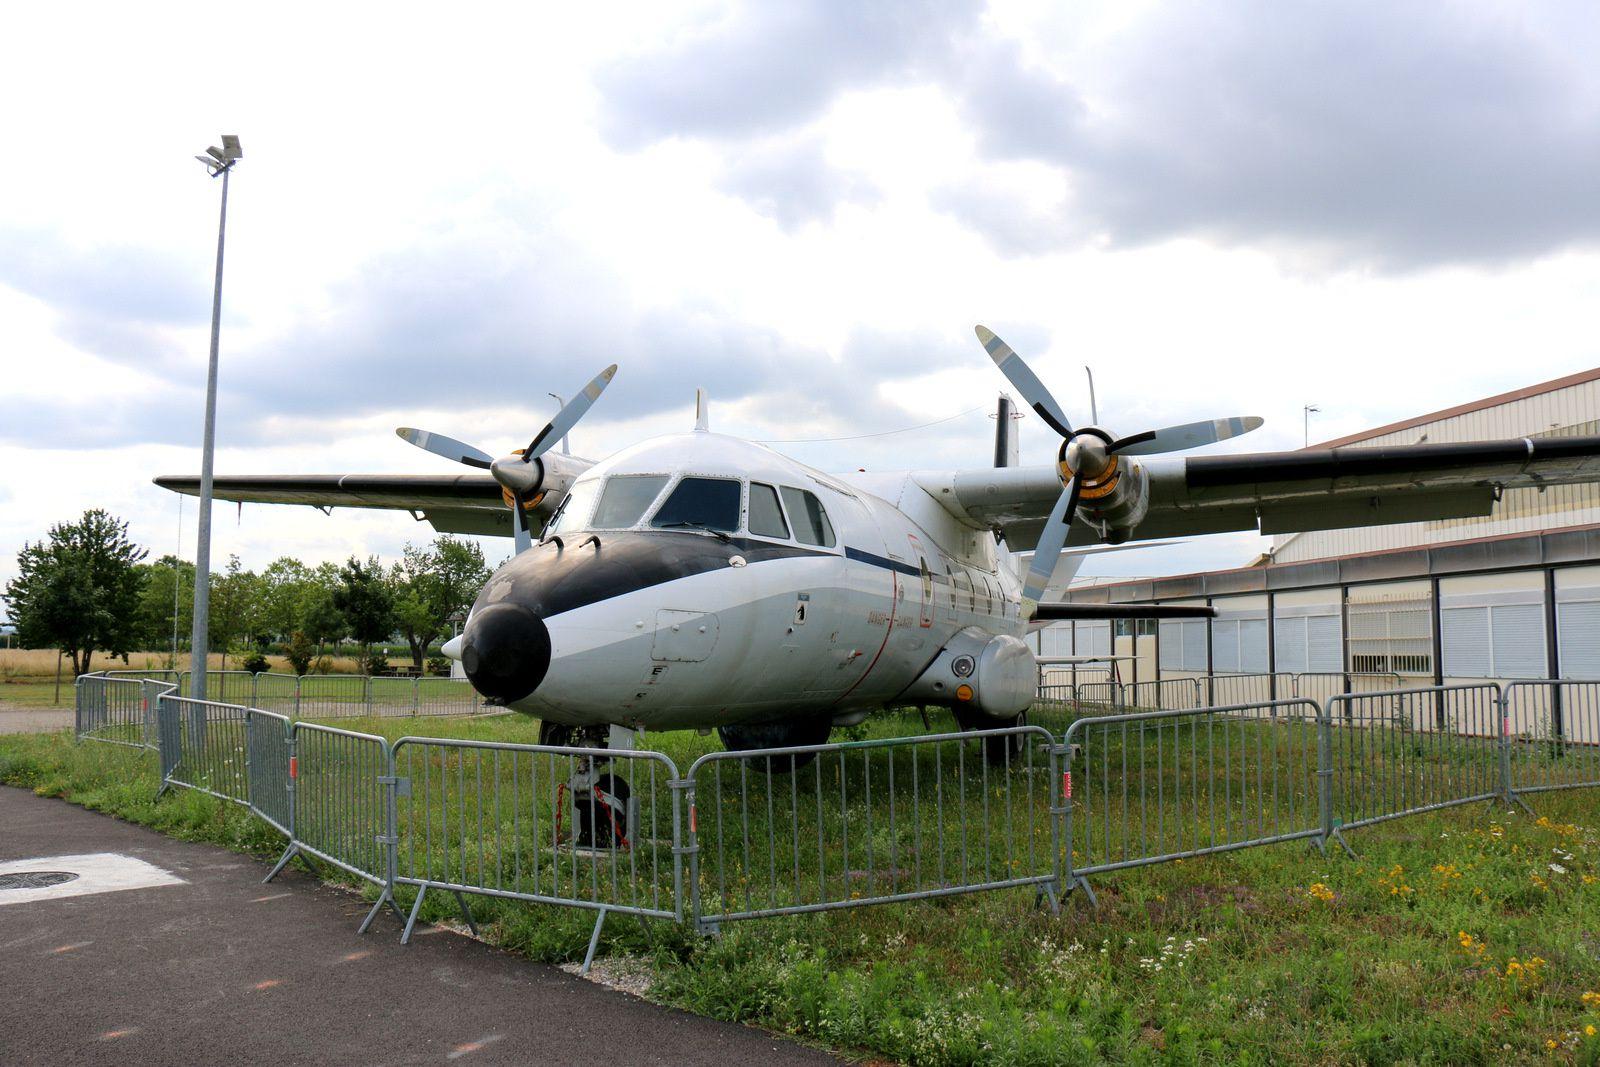 Nord-Aviation N262 et Dassault Falcon (Mystère) 20C